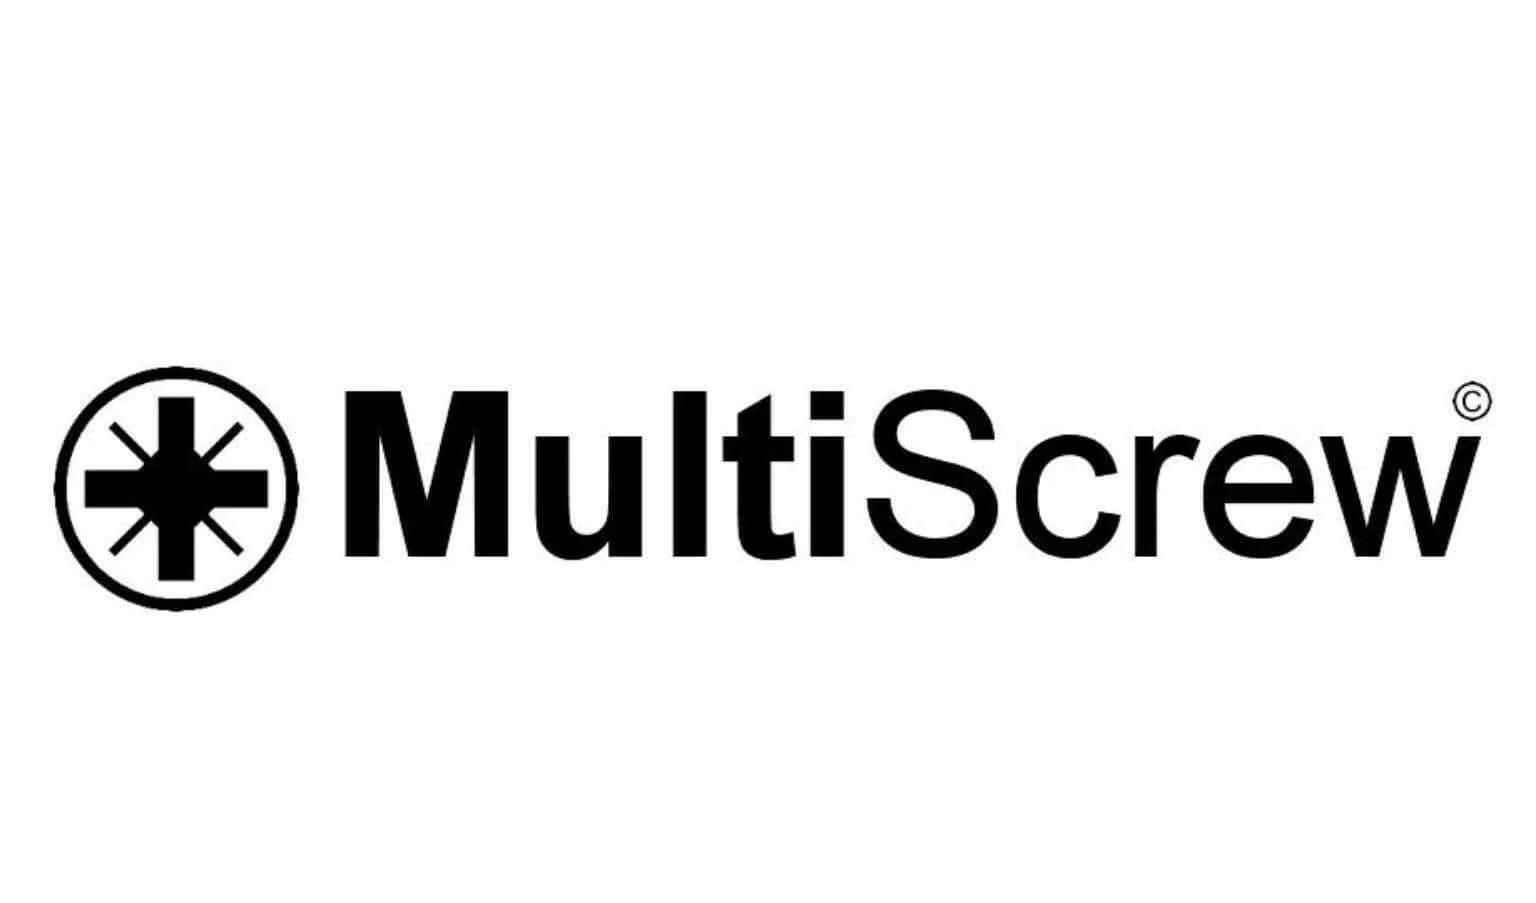 multiscrew